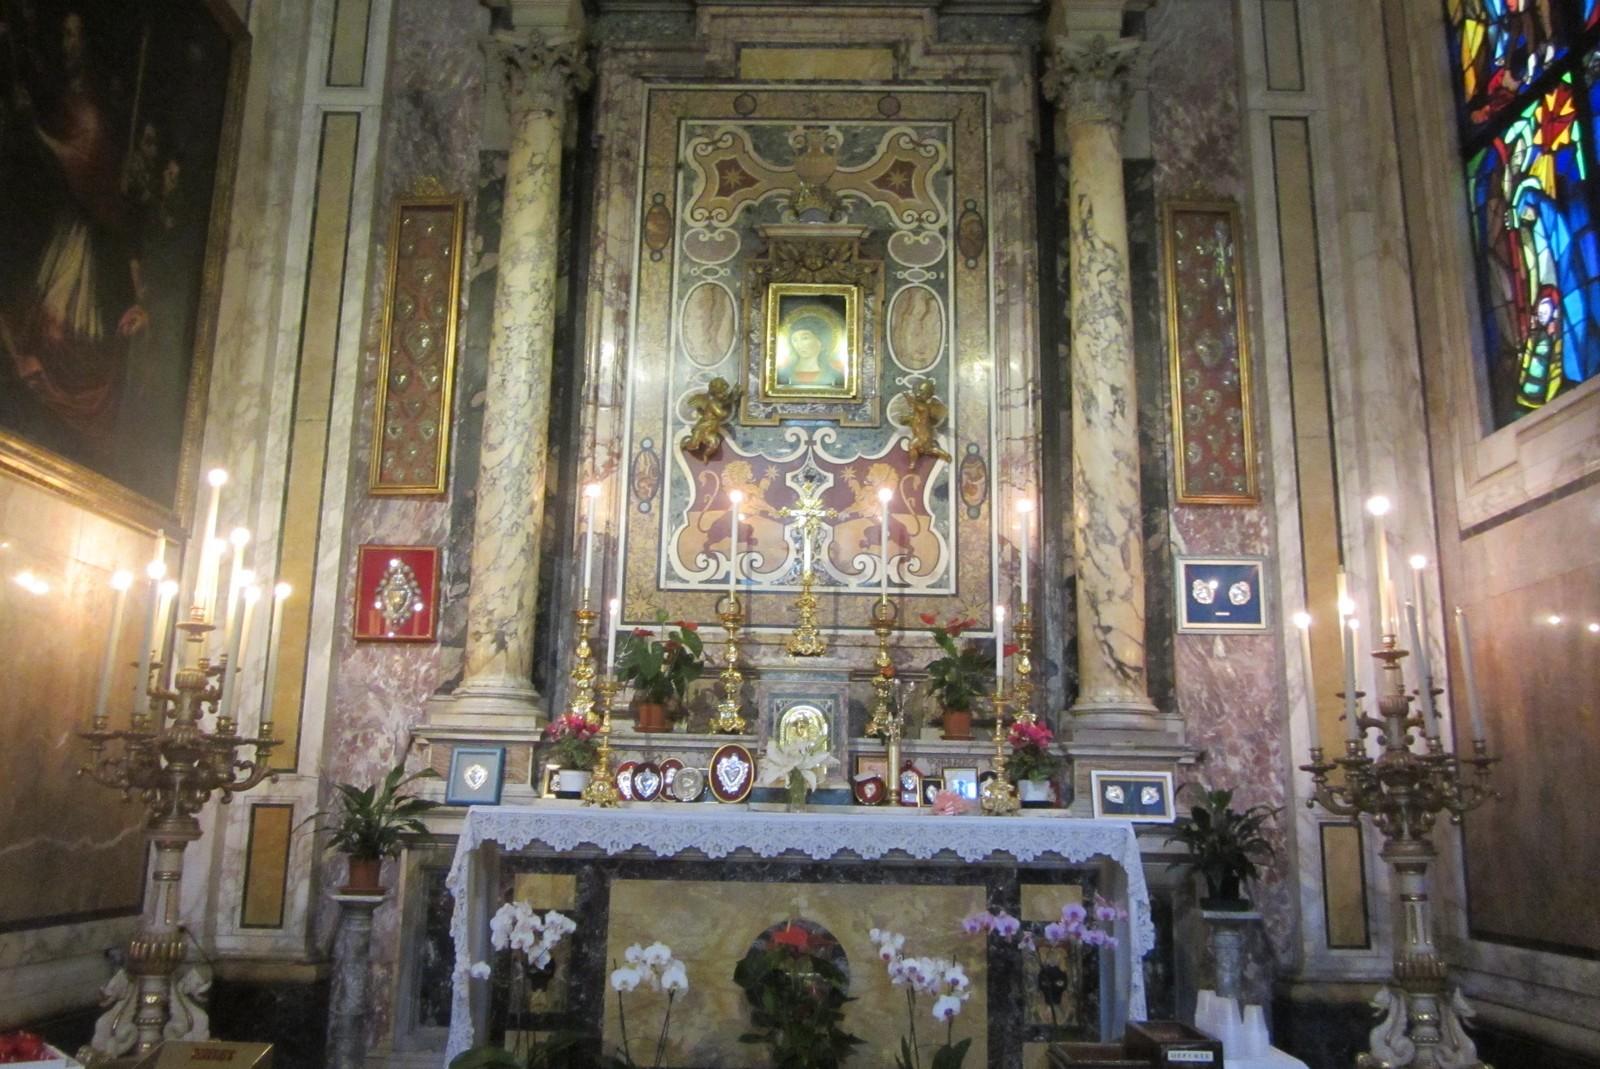 Patrona de los Deprimidos: Virgen del Pozo (Madonna del Pozzo), Italia (15 de agosto y 26 de septiembre)